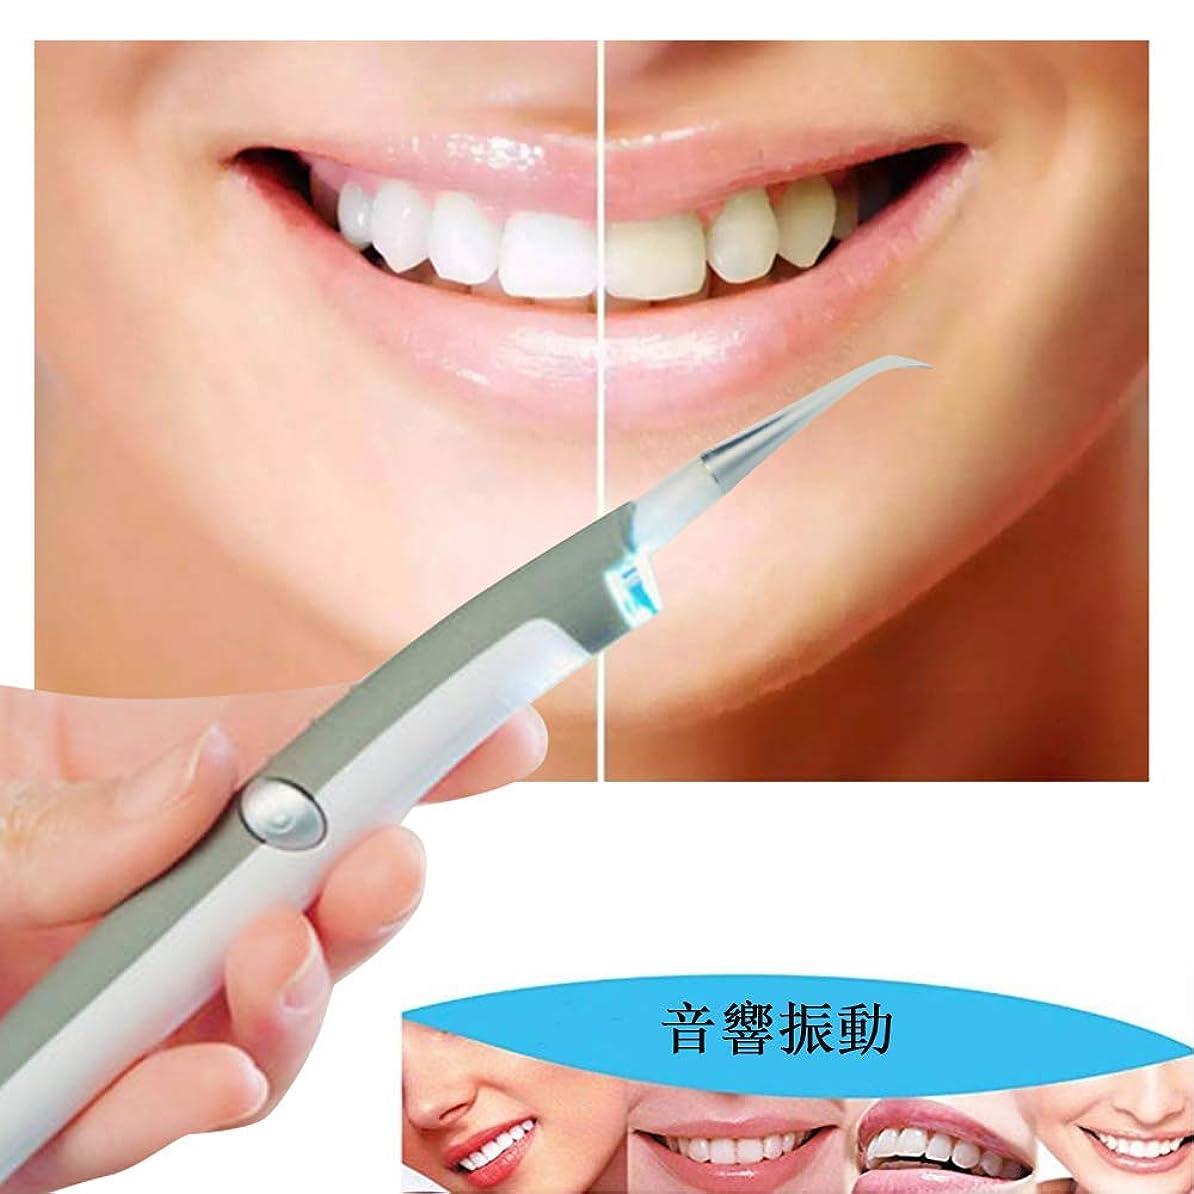 真実にフライト専門用語Carejoy LED歯科用歯ステイン消しゴム 電動デンタルステインプラークリムーバー 歯科クリーニングシステム 歯クリーナー 歯科汚れリムーバー LEDの歯汚れ消しゴムプラークリムーバー 口腔衛生ケアのためのプロフェッショナルな歯科用クリーニングツール ホワイトナー 家庭用